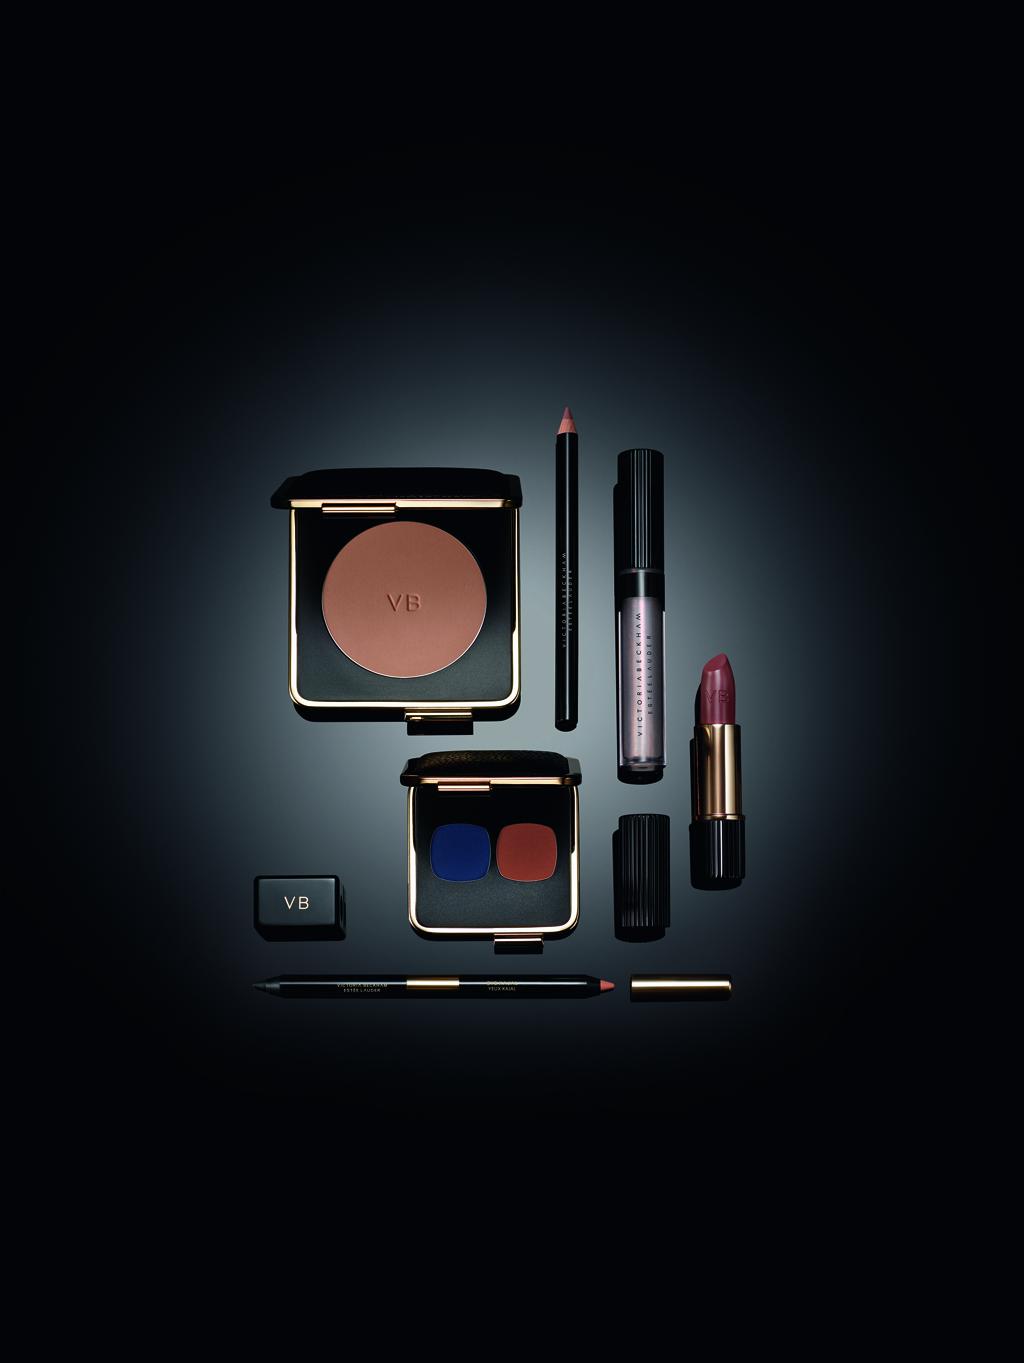 Maquillage Victoria Beckham x Estee Lauder 2017 avis produits l La Fiancee du Panda blog beaute 4